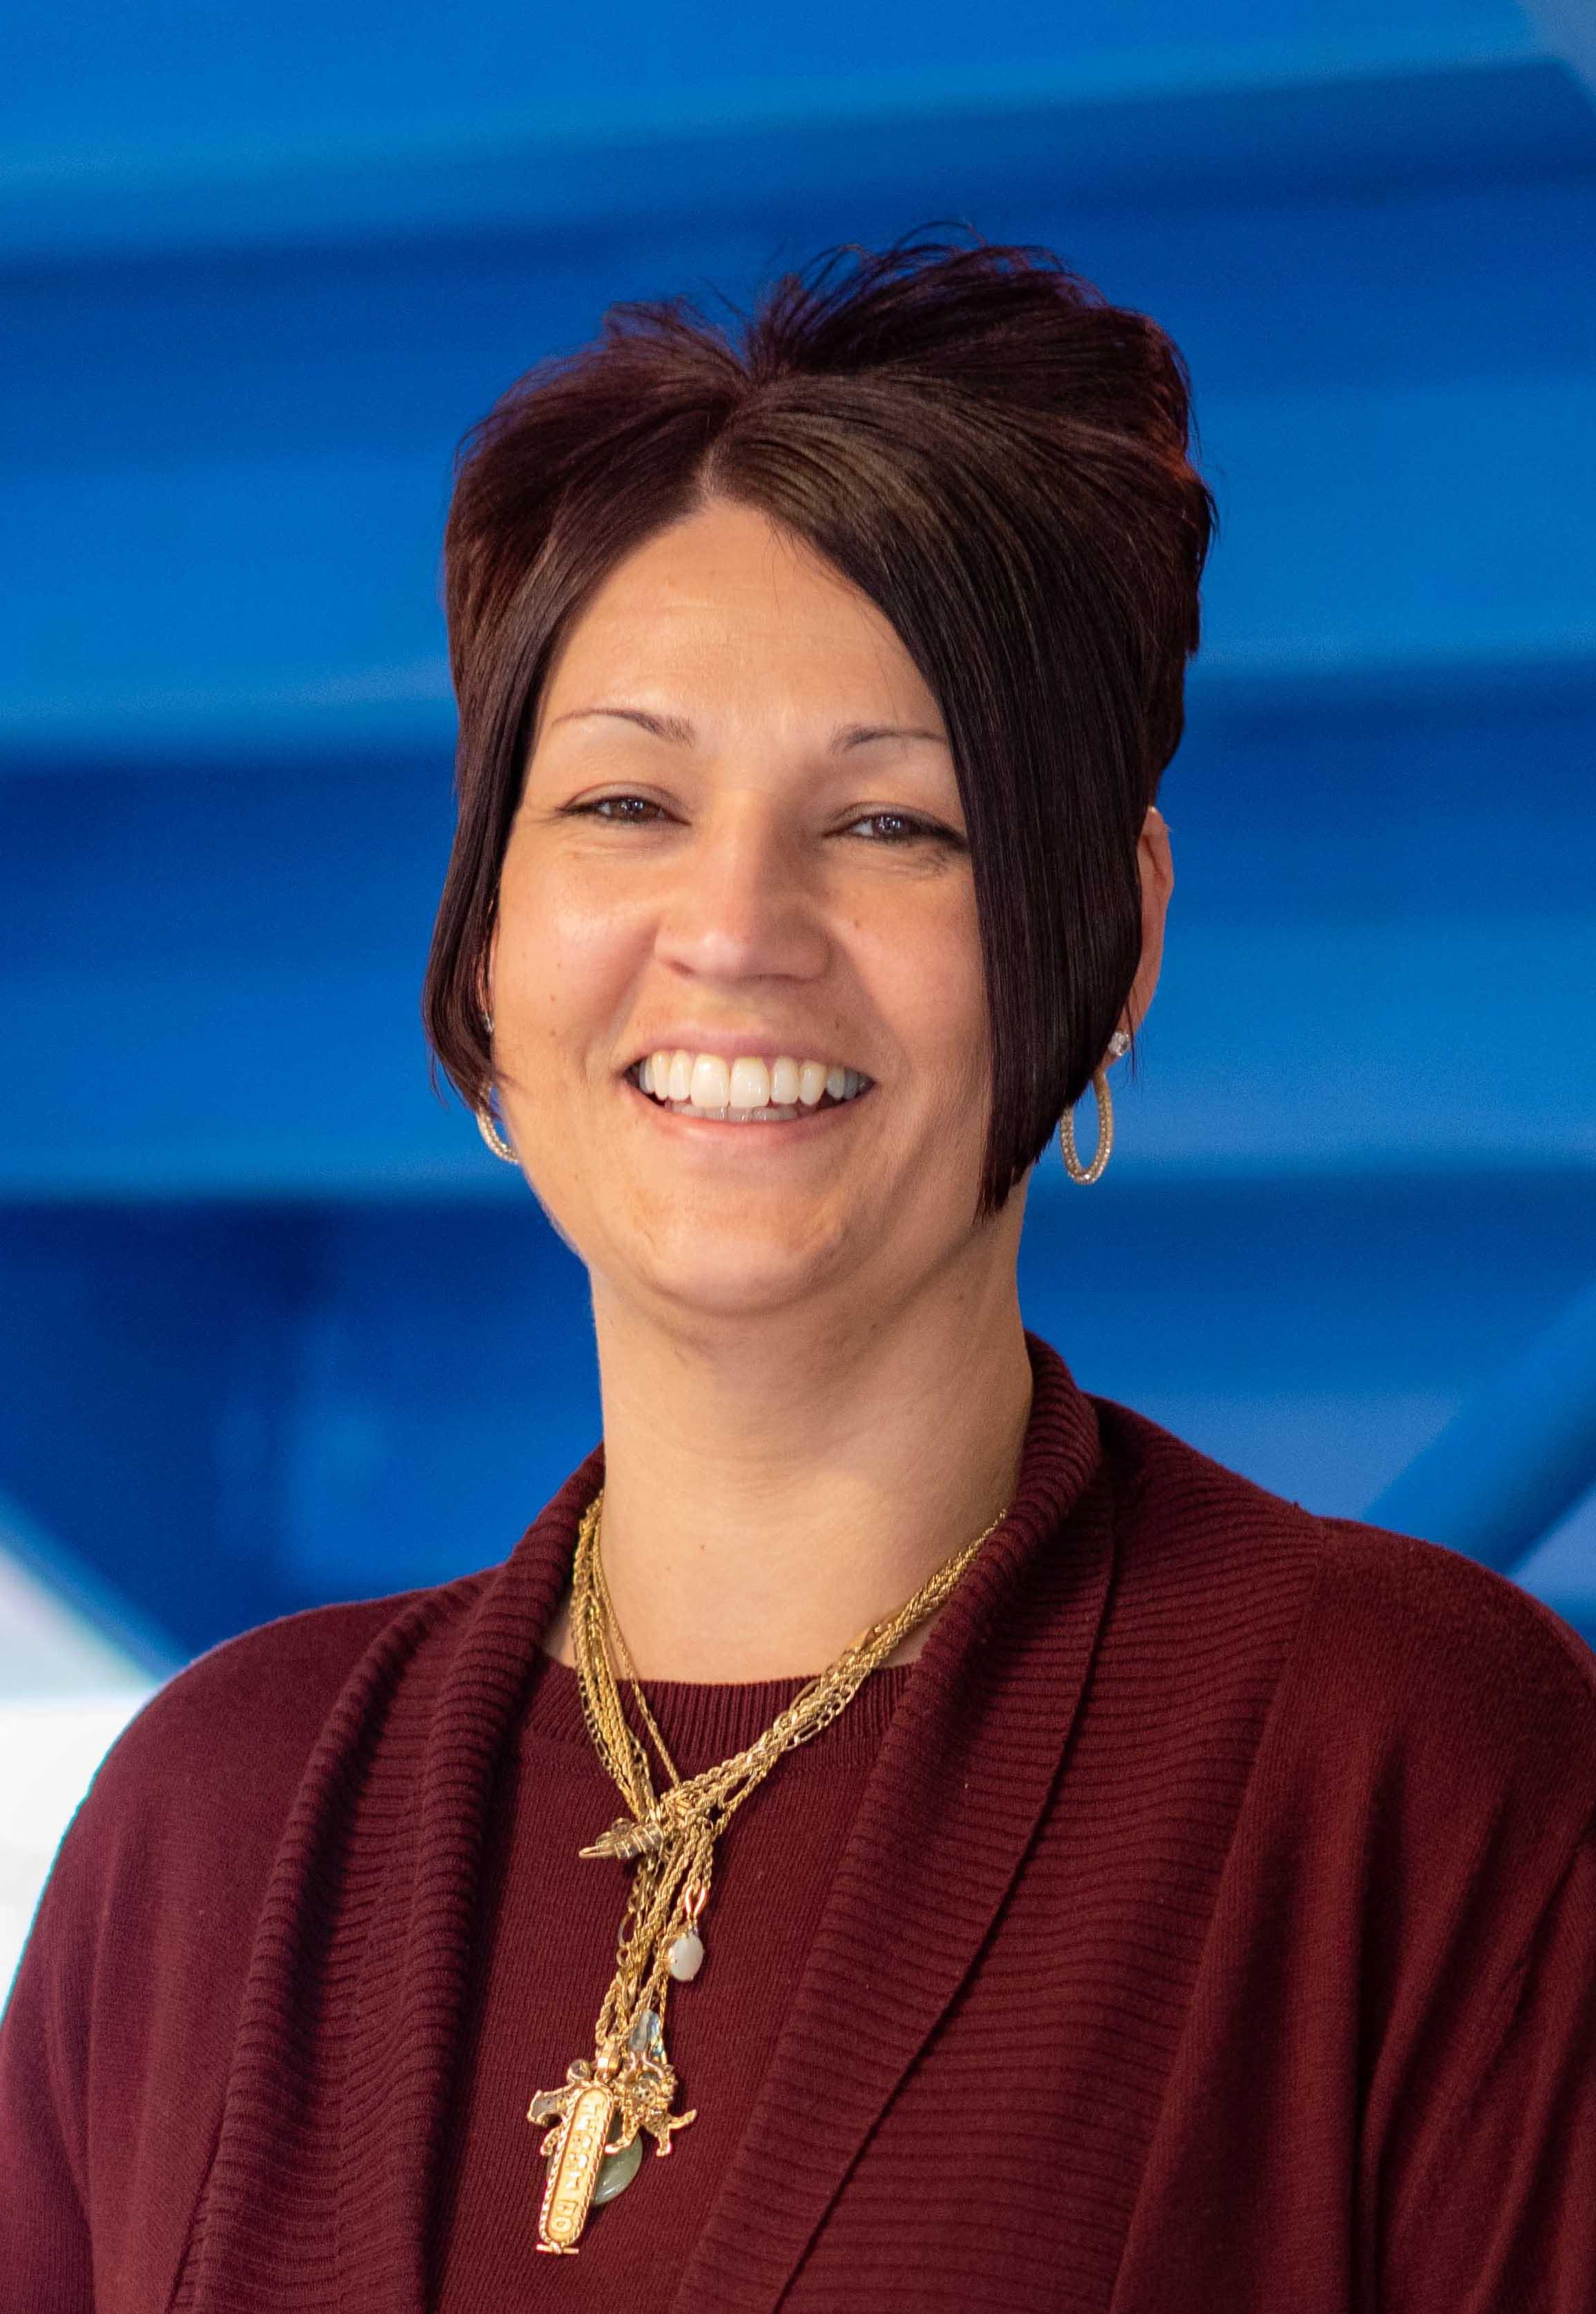 Terri McDowell